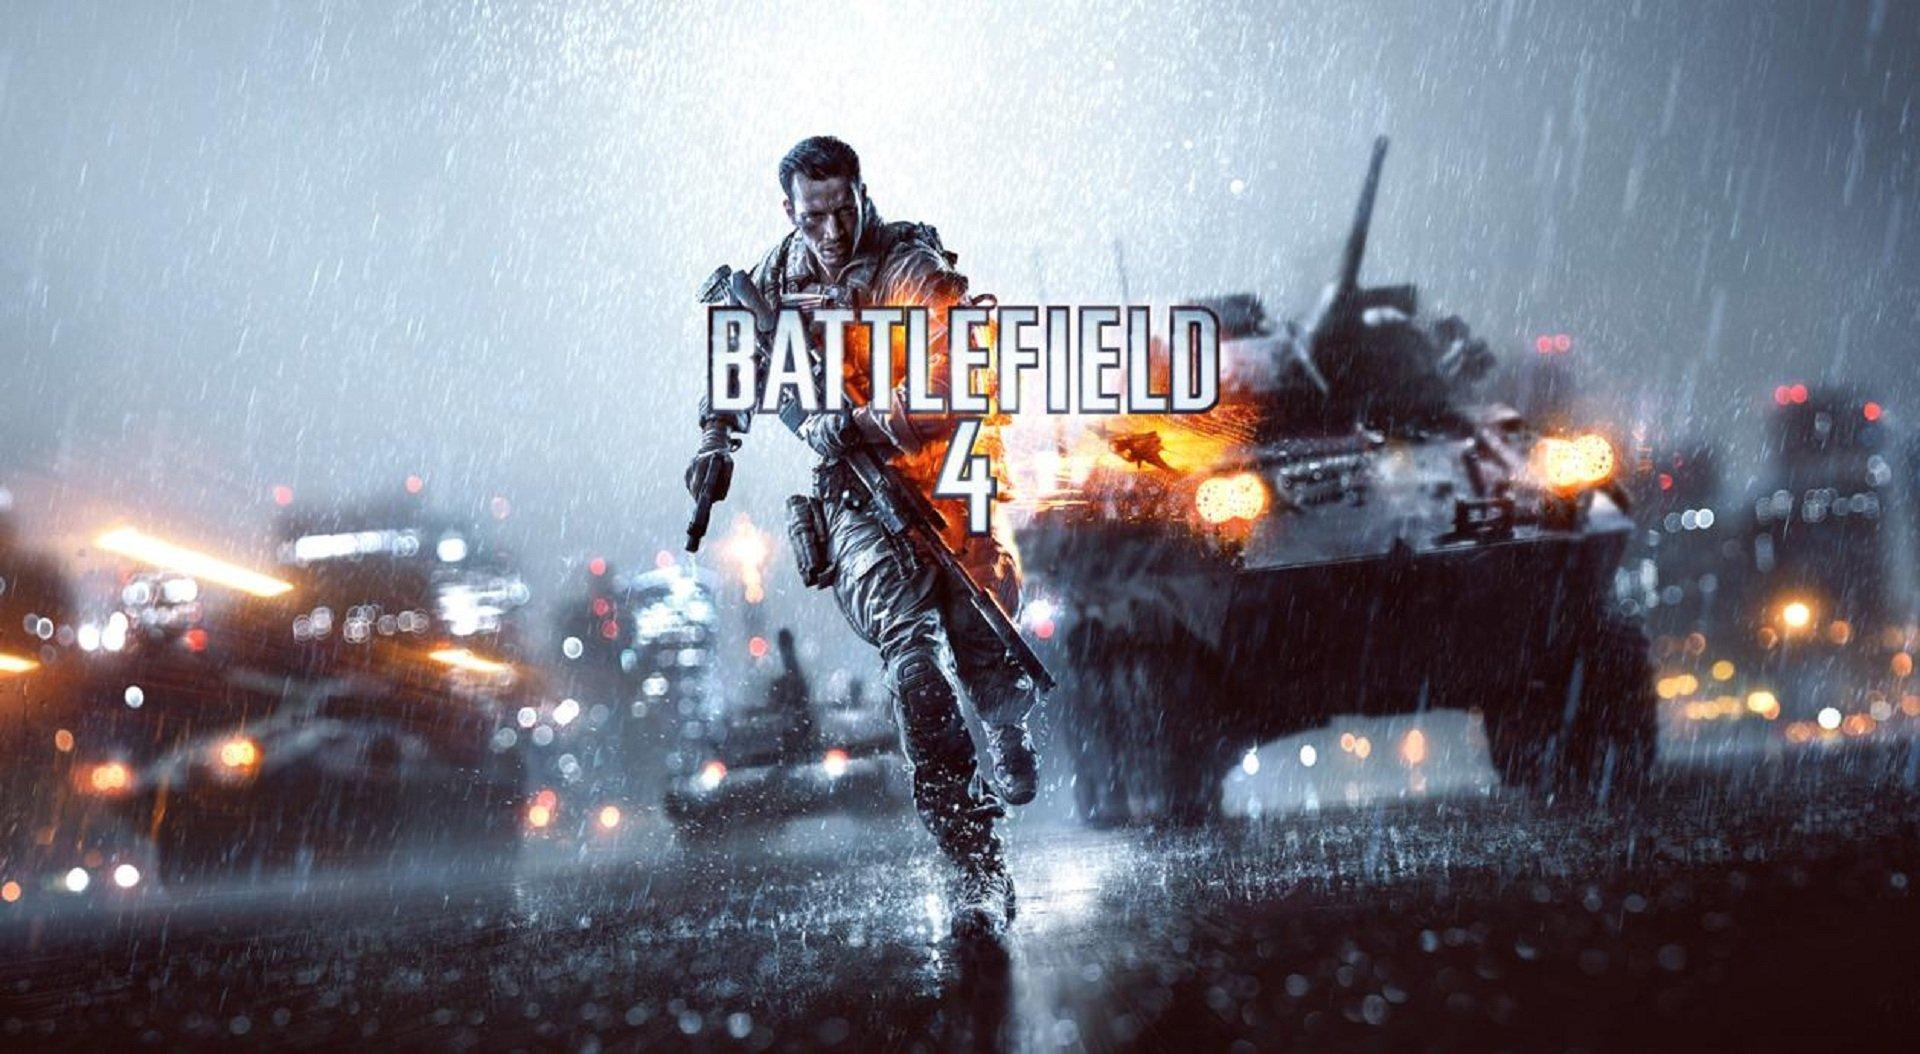 Battlefield 4 будет поддерживать Direct X 11.1 эксклюзивную версию для Windows 8. разработчики подтвердили, что нова ... - Изображение 1